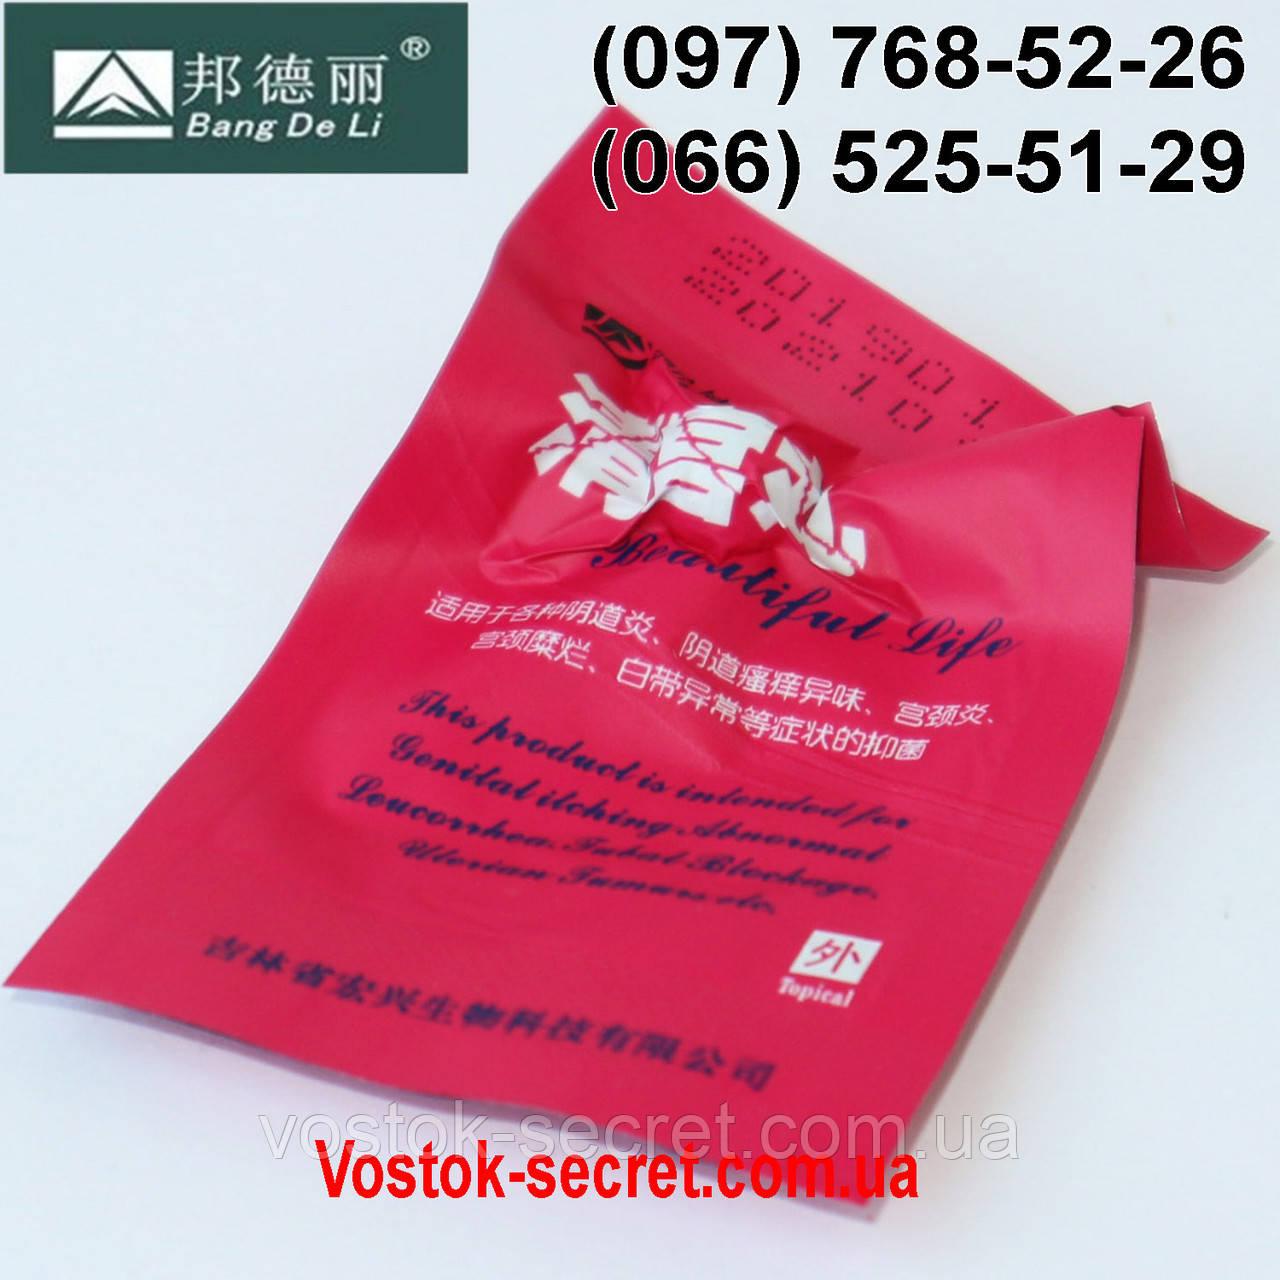 10 китайских тампонов Beautiful Life (Бьютифул Лайф),  срок годности до 01.2021г.